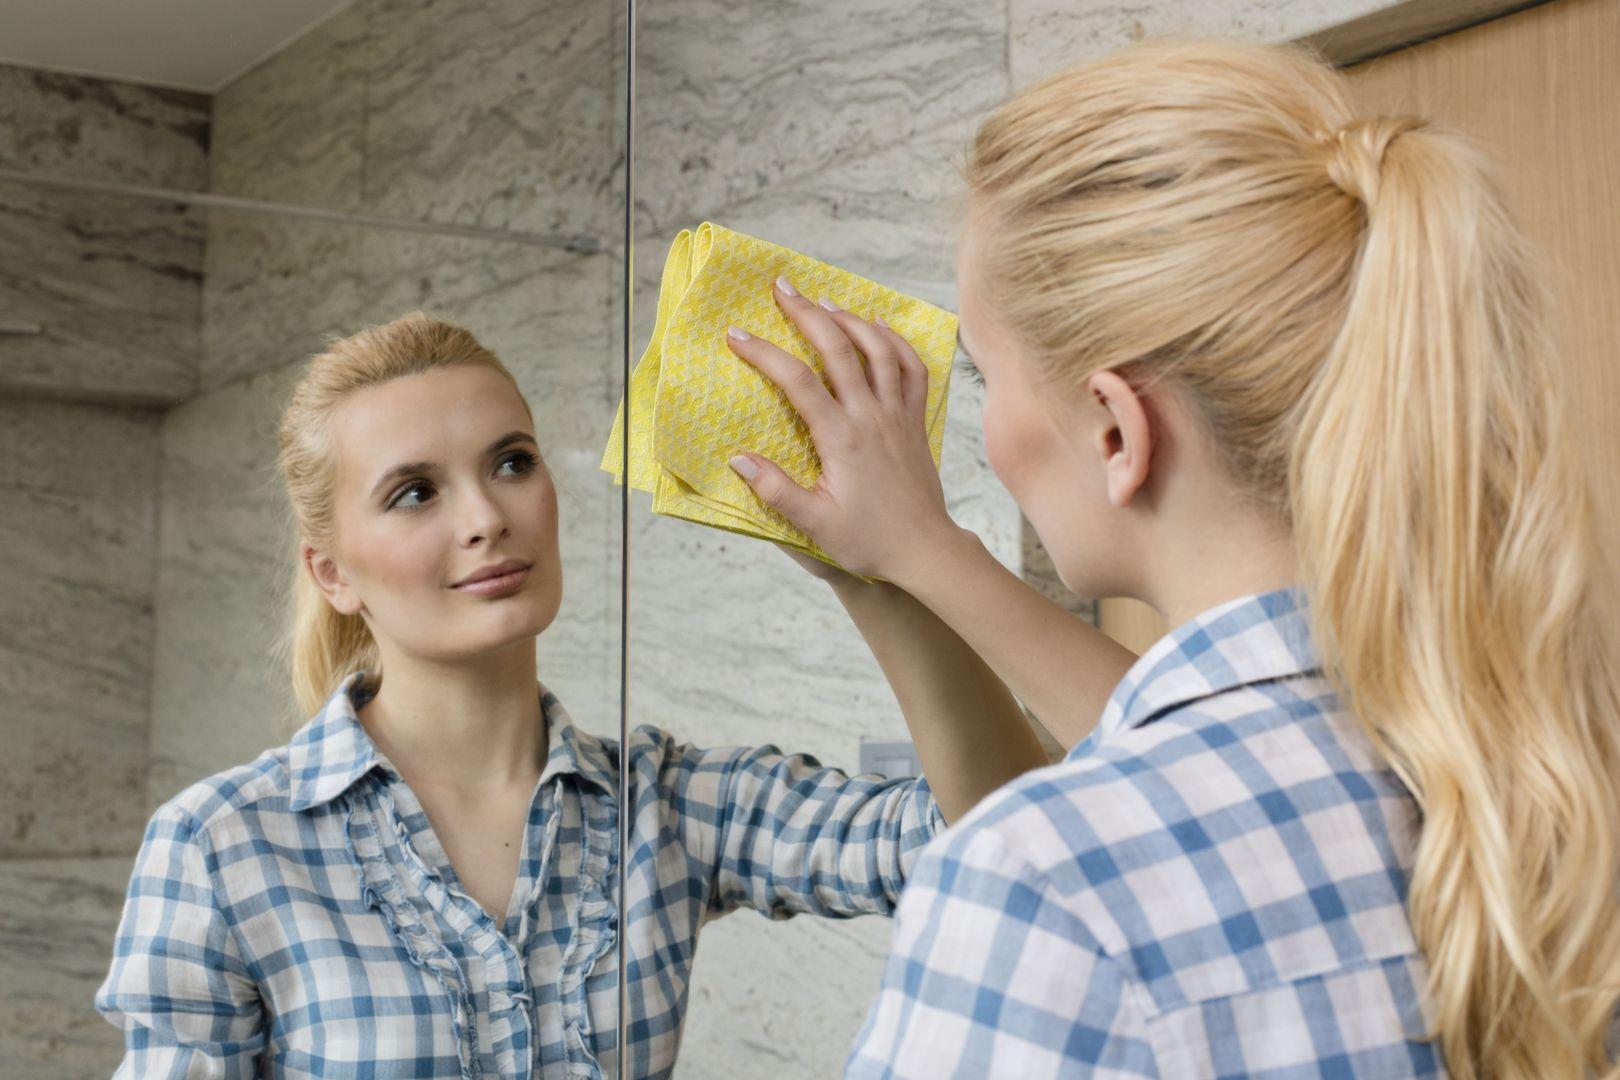 Ściereczki okienne Actifibre sprawdzą się w czyszczeniu luster. Fot. Vileda